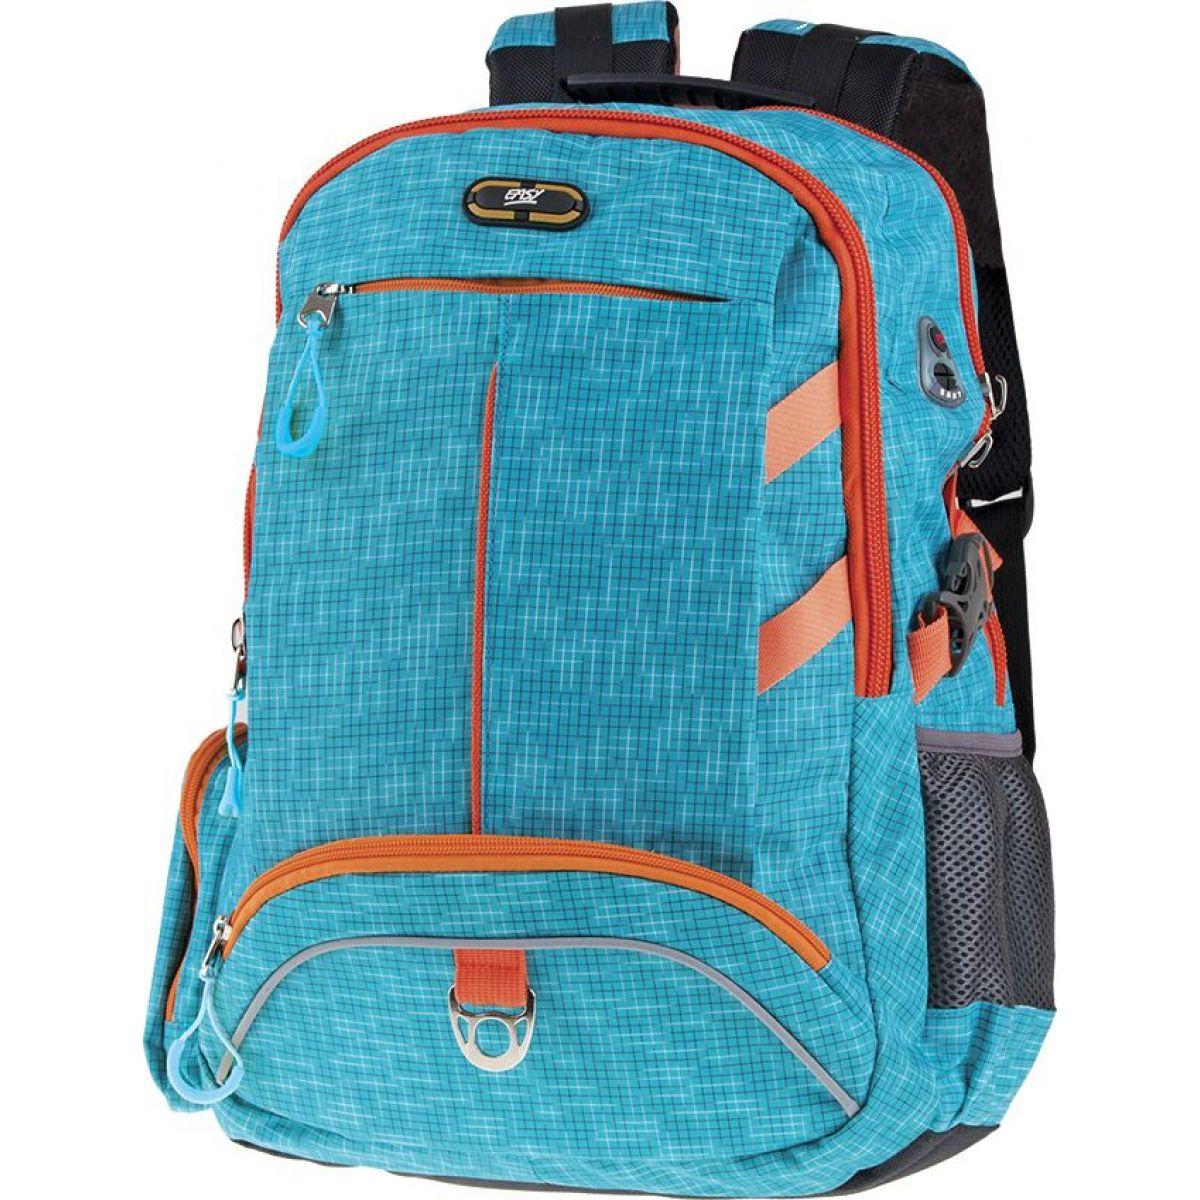 Easyoffice Batoh školský športový Modrý podklad s oranžovým lemom